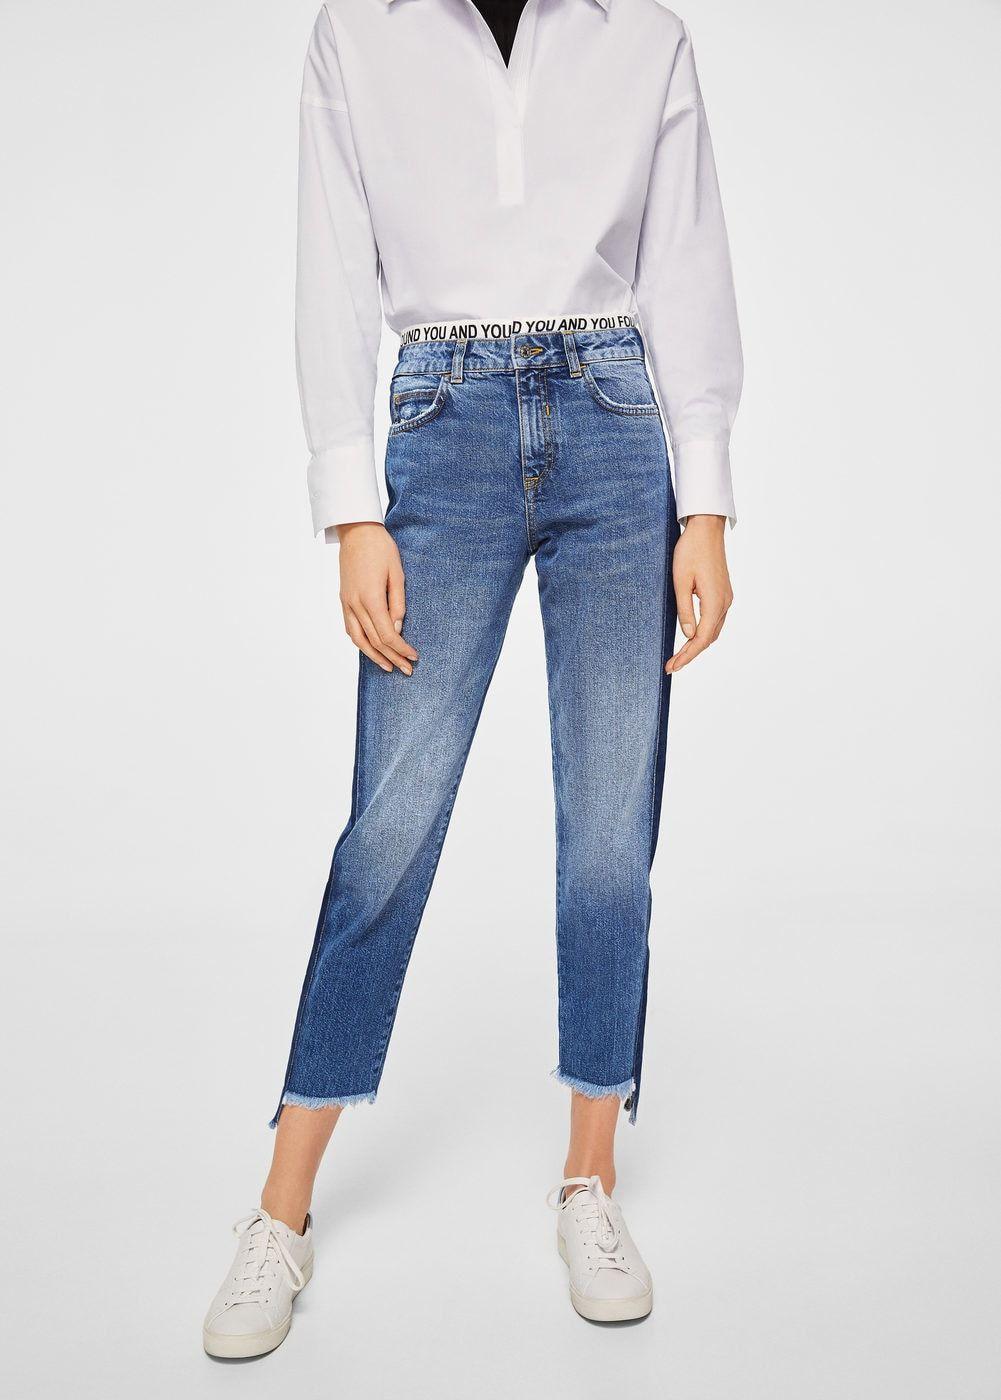 Kontrast parçalı jean pantolon - Kadın in 2019   kot olan her şey ... 6e3cfe4278